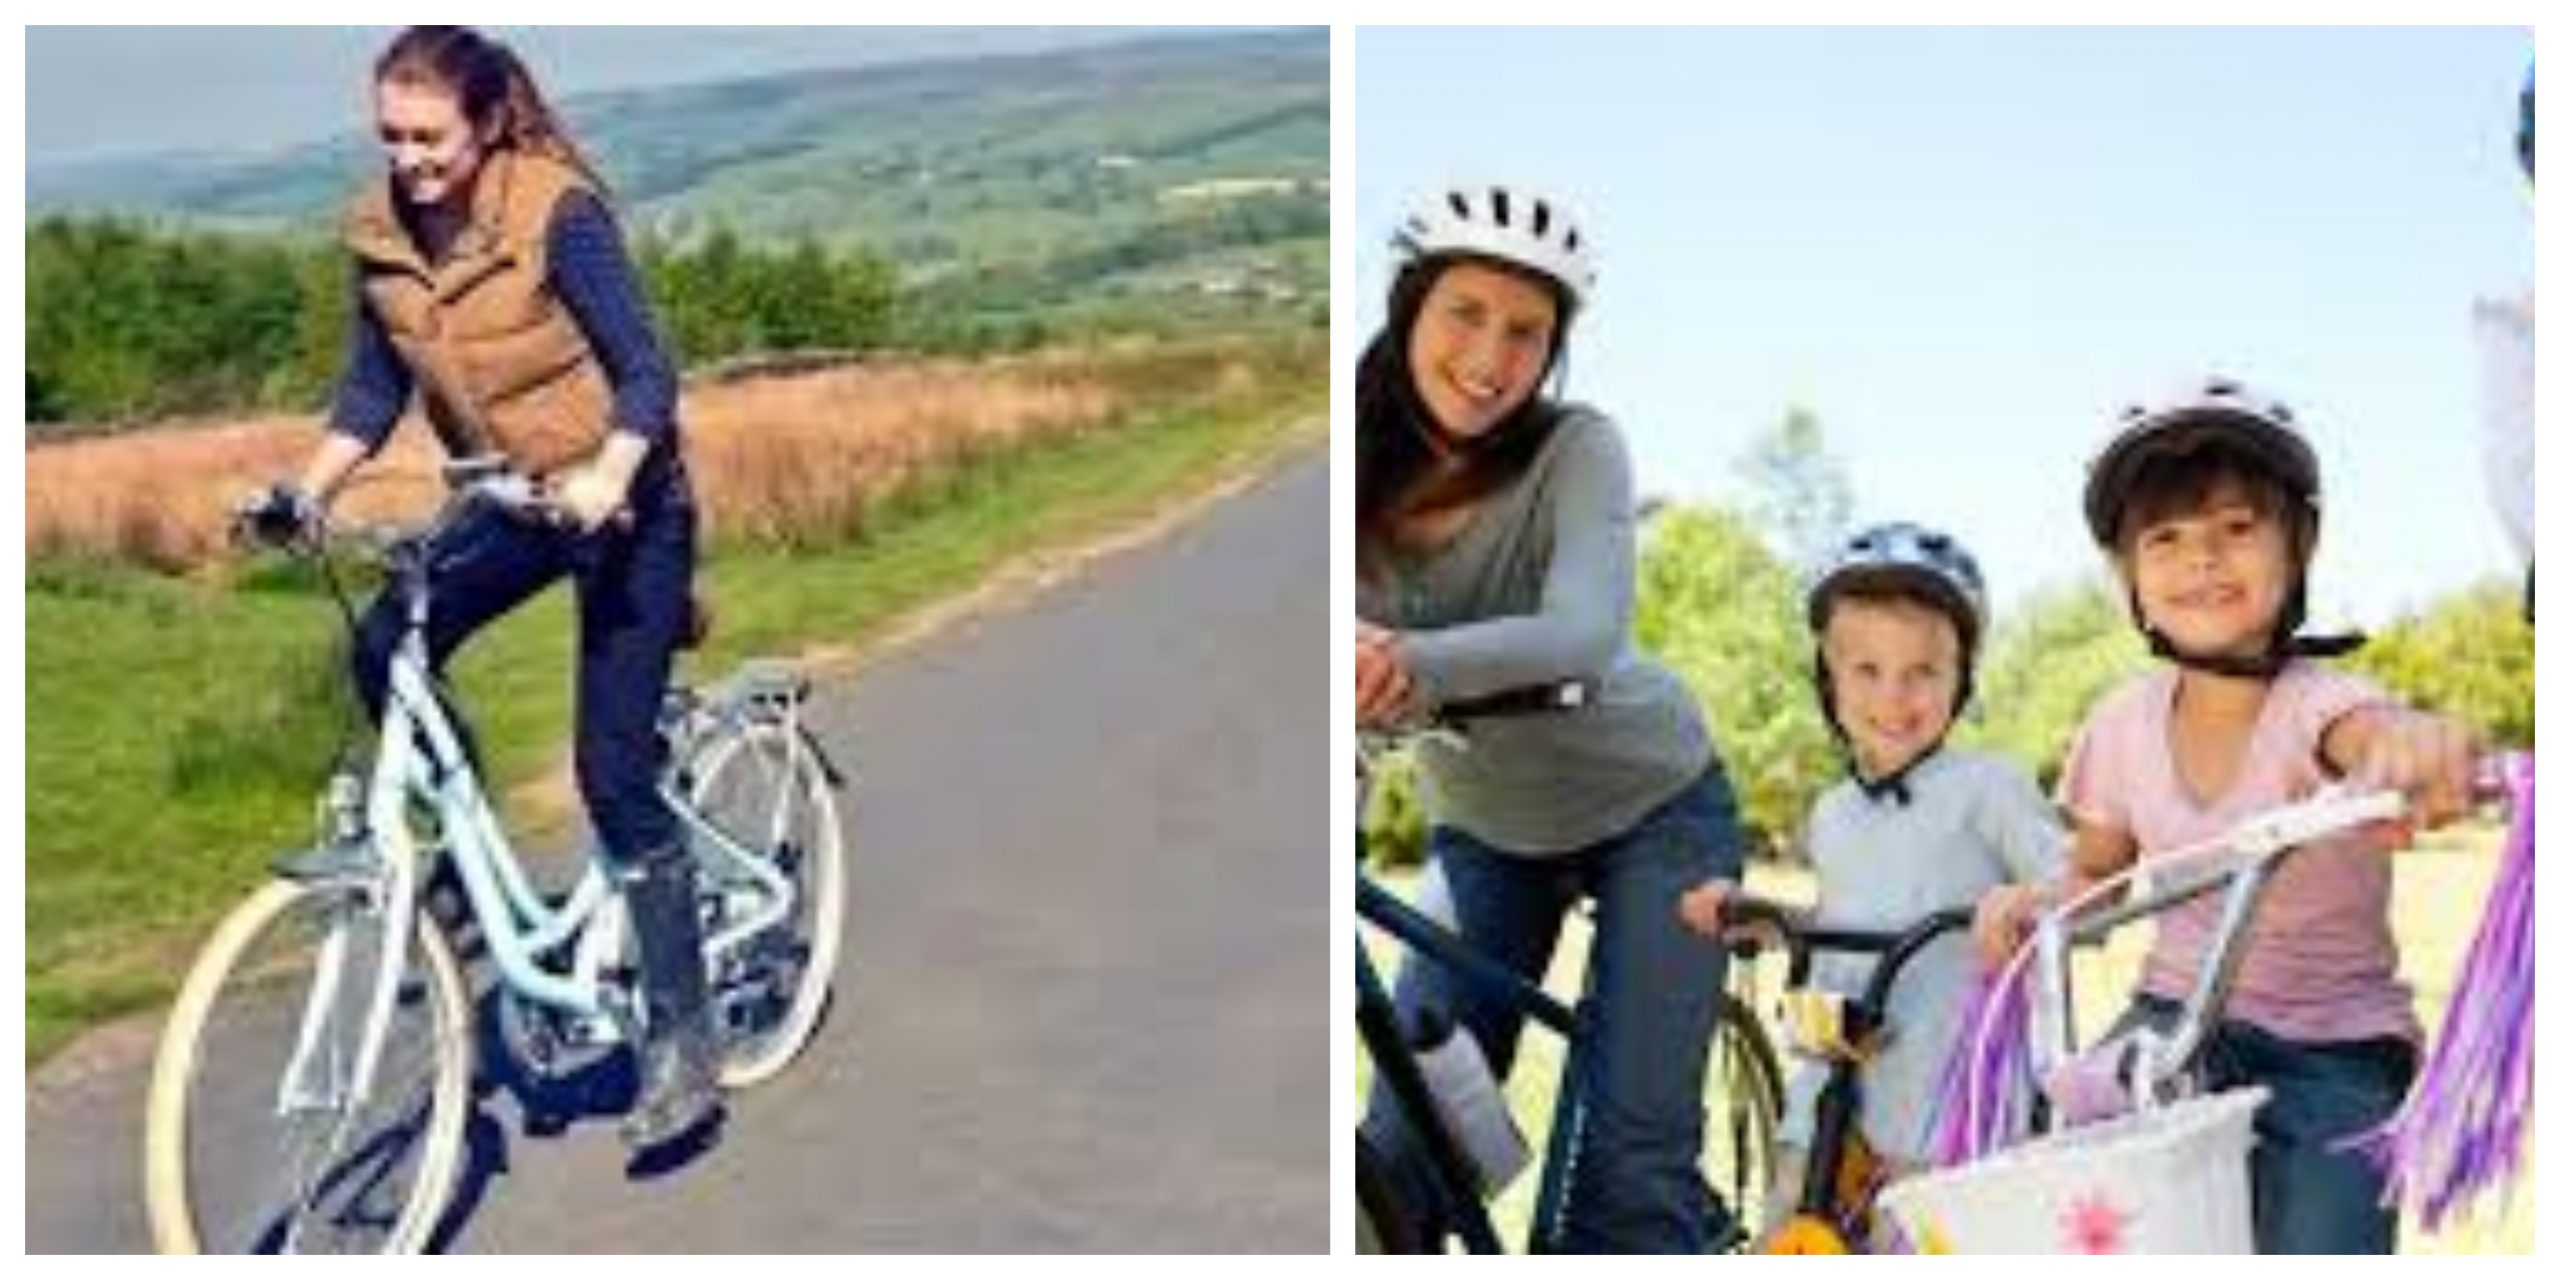 الفوائد الصحية لركوب الدراجات وكيف يمكن أن تركبها بأمان وصحة